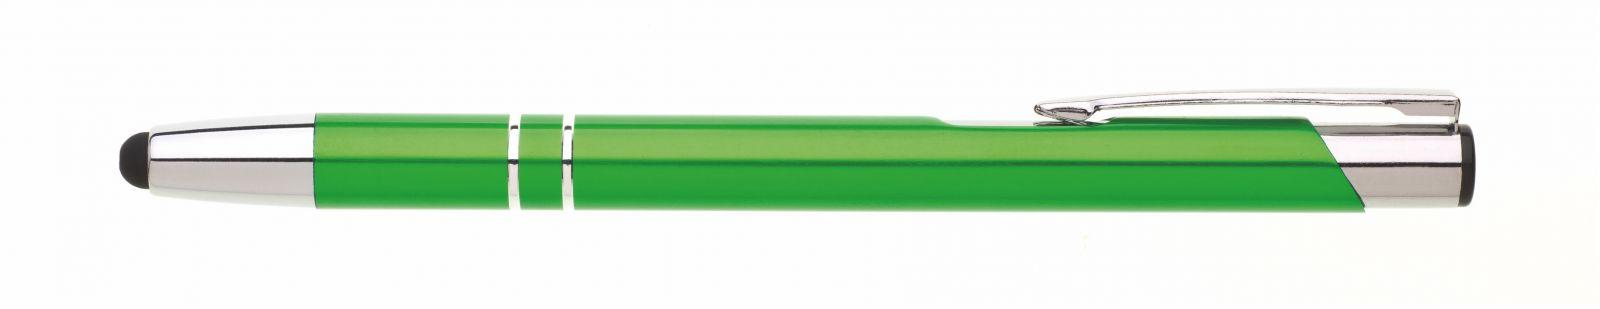 Kuličkové kovové zelené s dotykovým hrotem - možnost gravírování vašeho loga